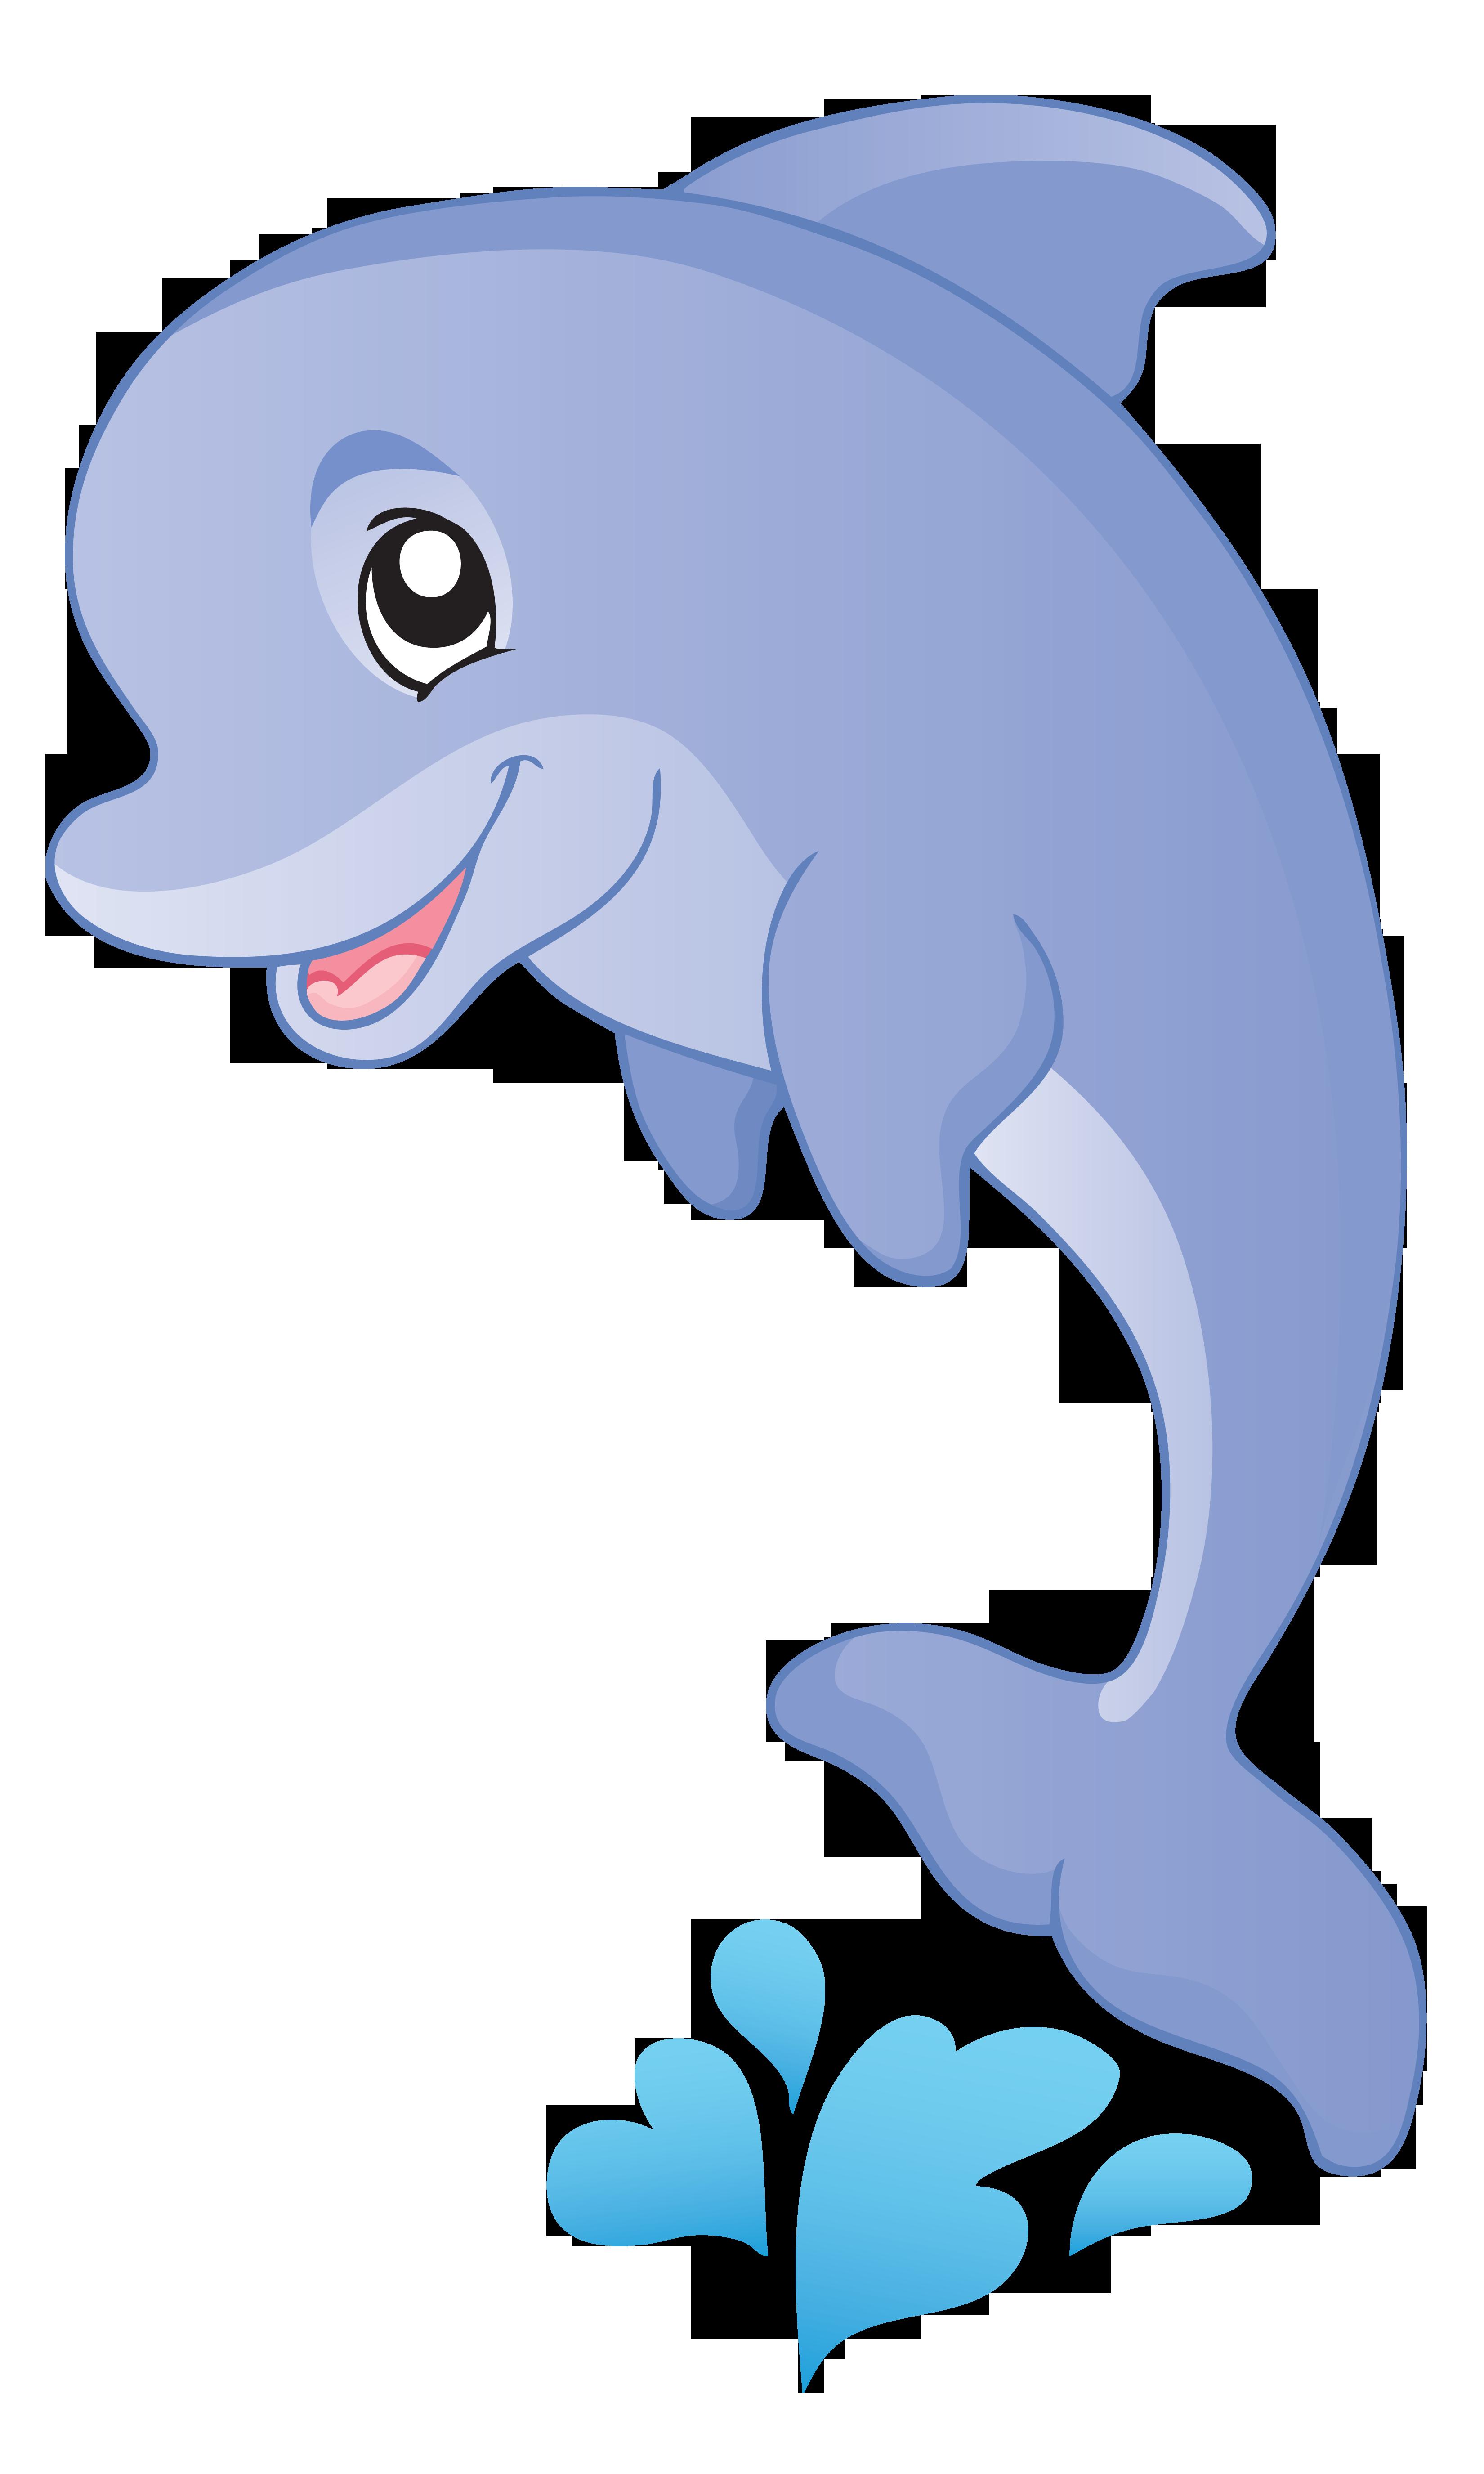 Fish cartoon clip art. Dolphins clipart aquatic animal